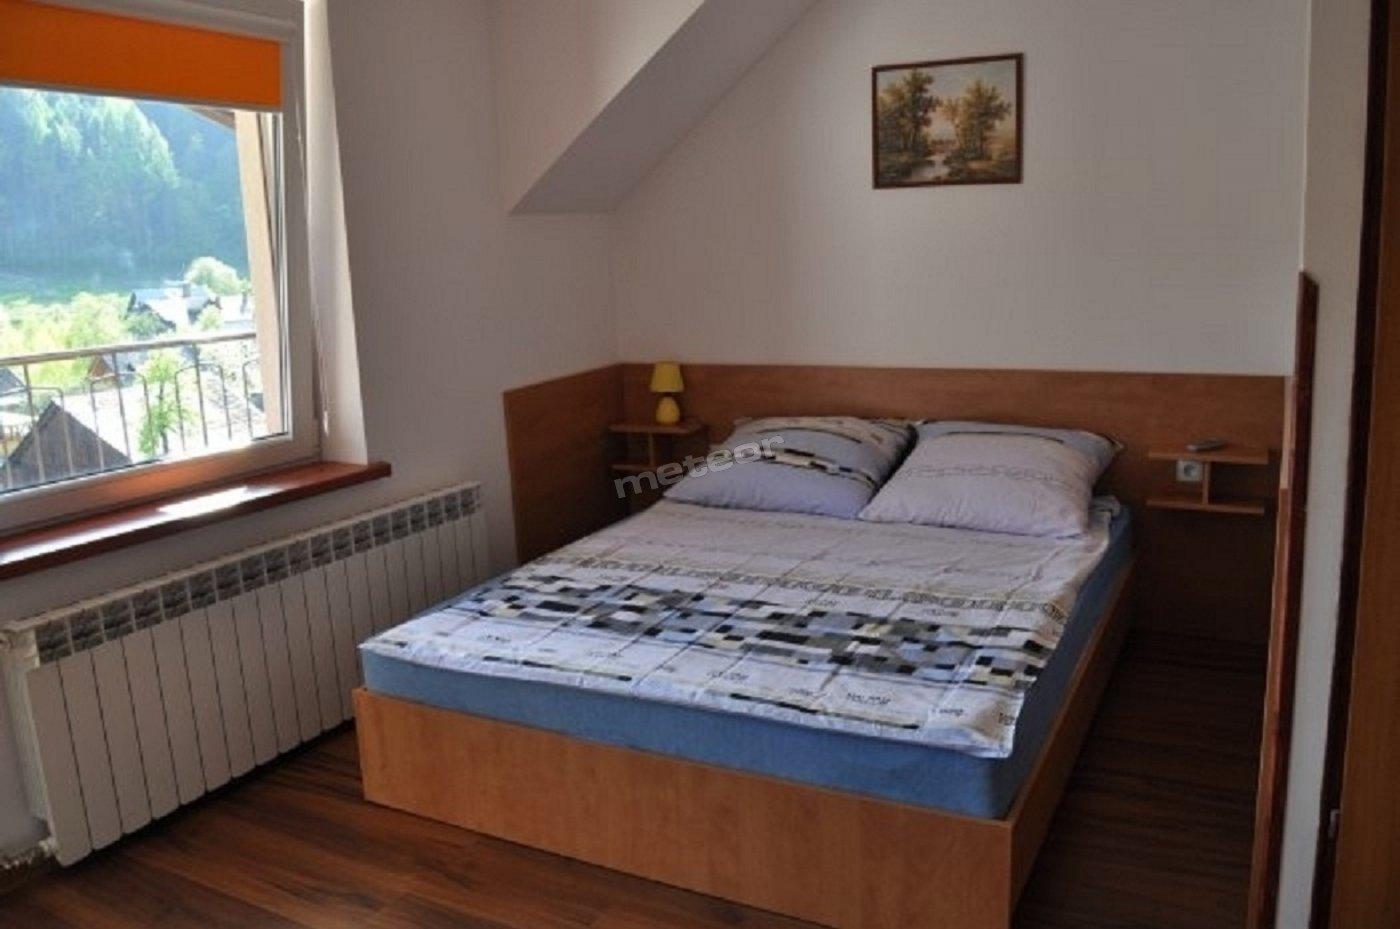 Pokoje 2,3,4/osobowe. Każdy posiada łazienkę z kabiną prysznicową . TV, WIFI , czajnik .